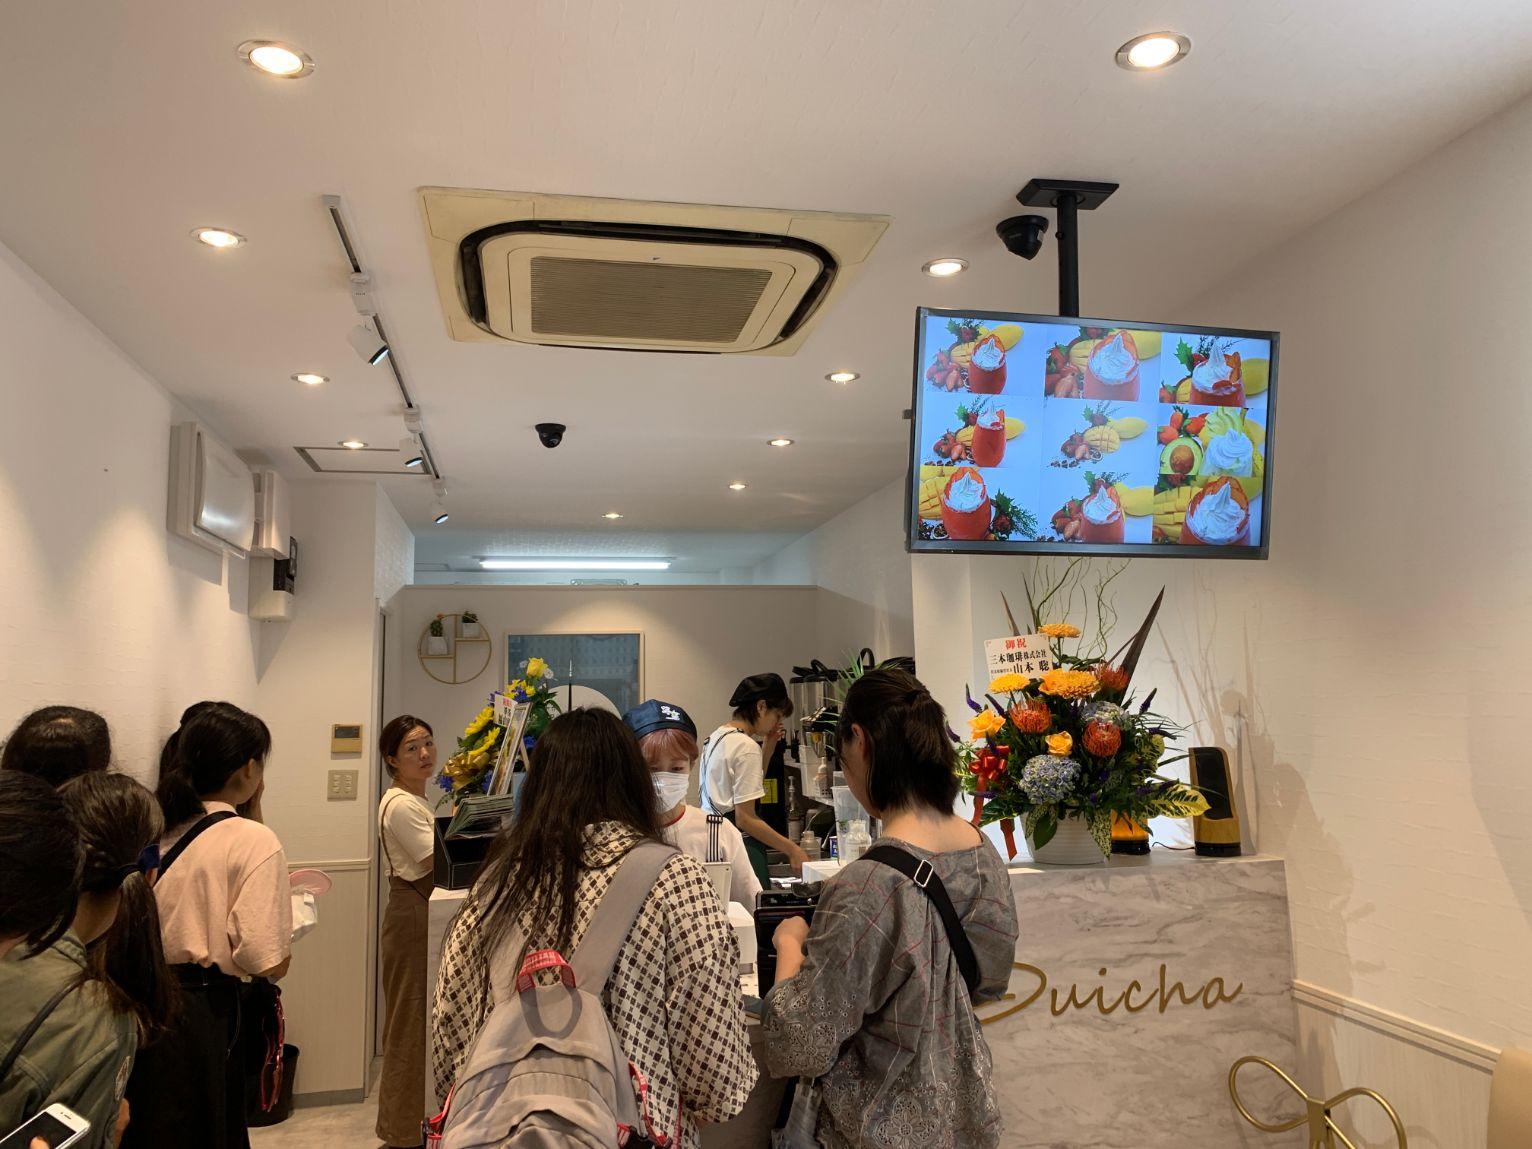 萃茶(スイチャ) 門前仲店の店内の様子